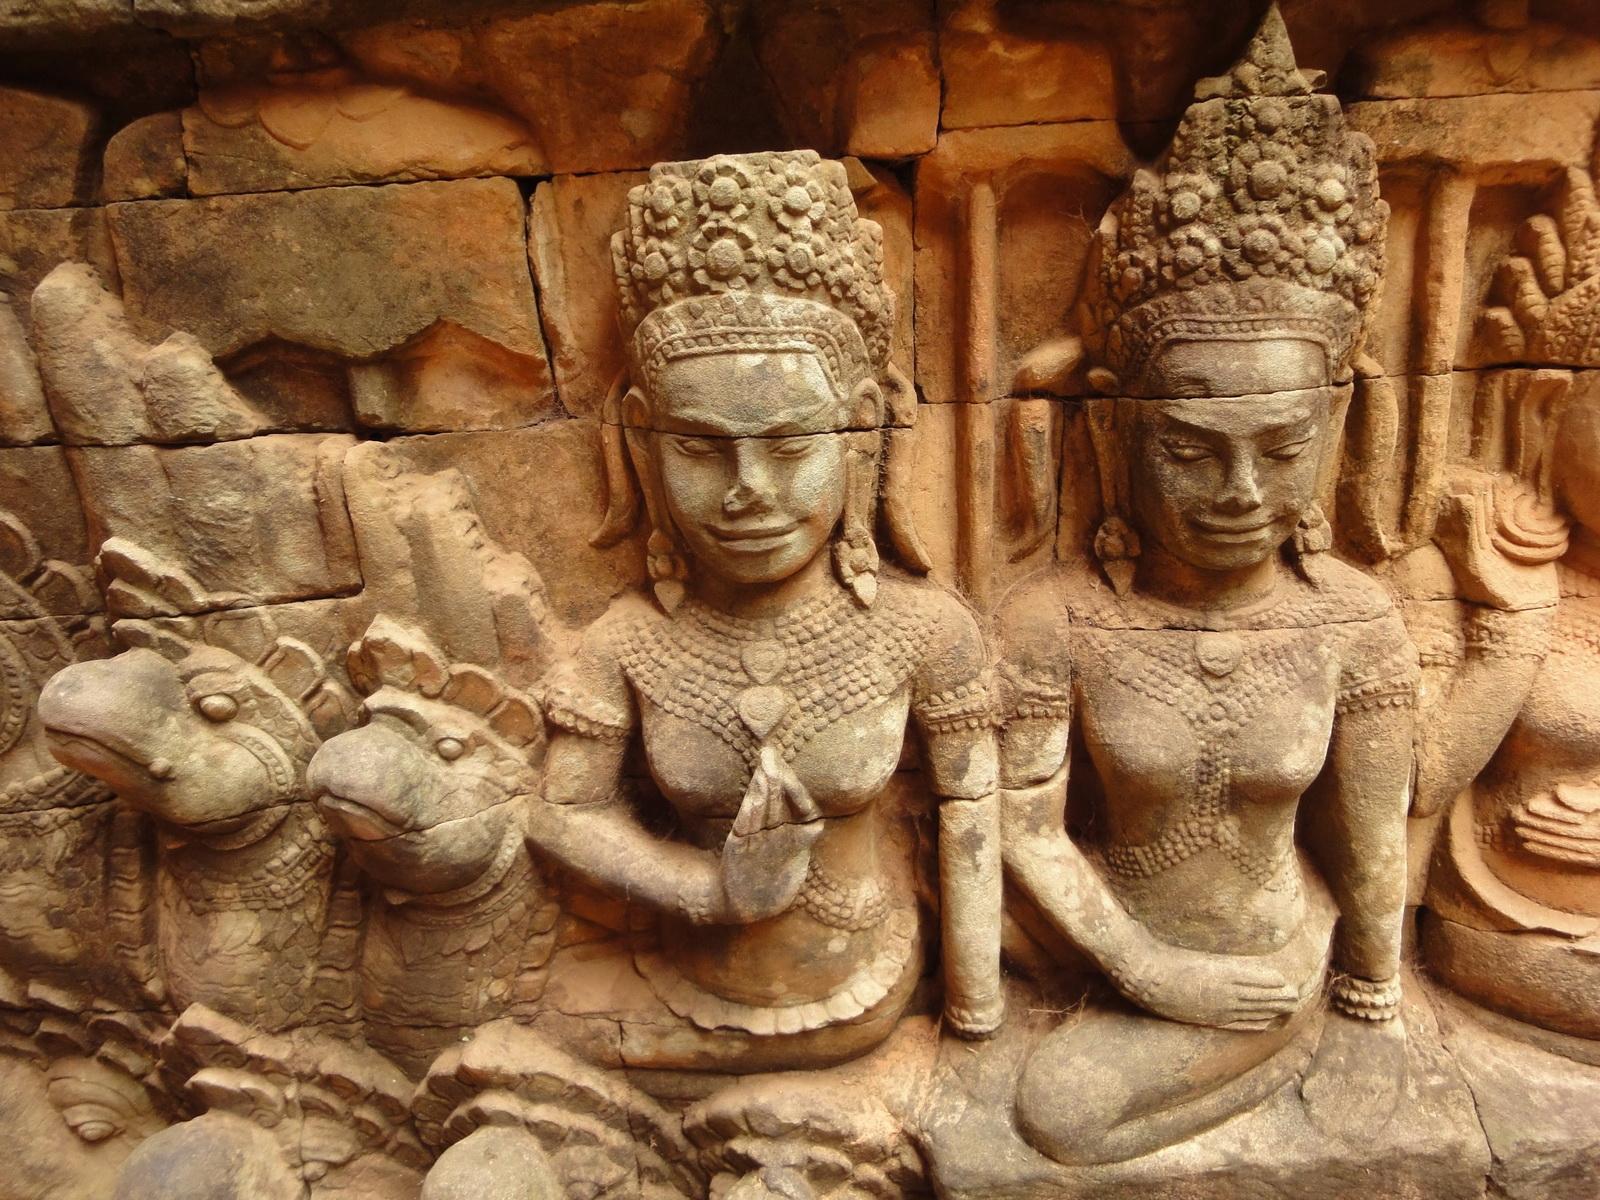 Leper King Terrace hidden wall underworld Nagas and deities 085